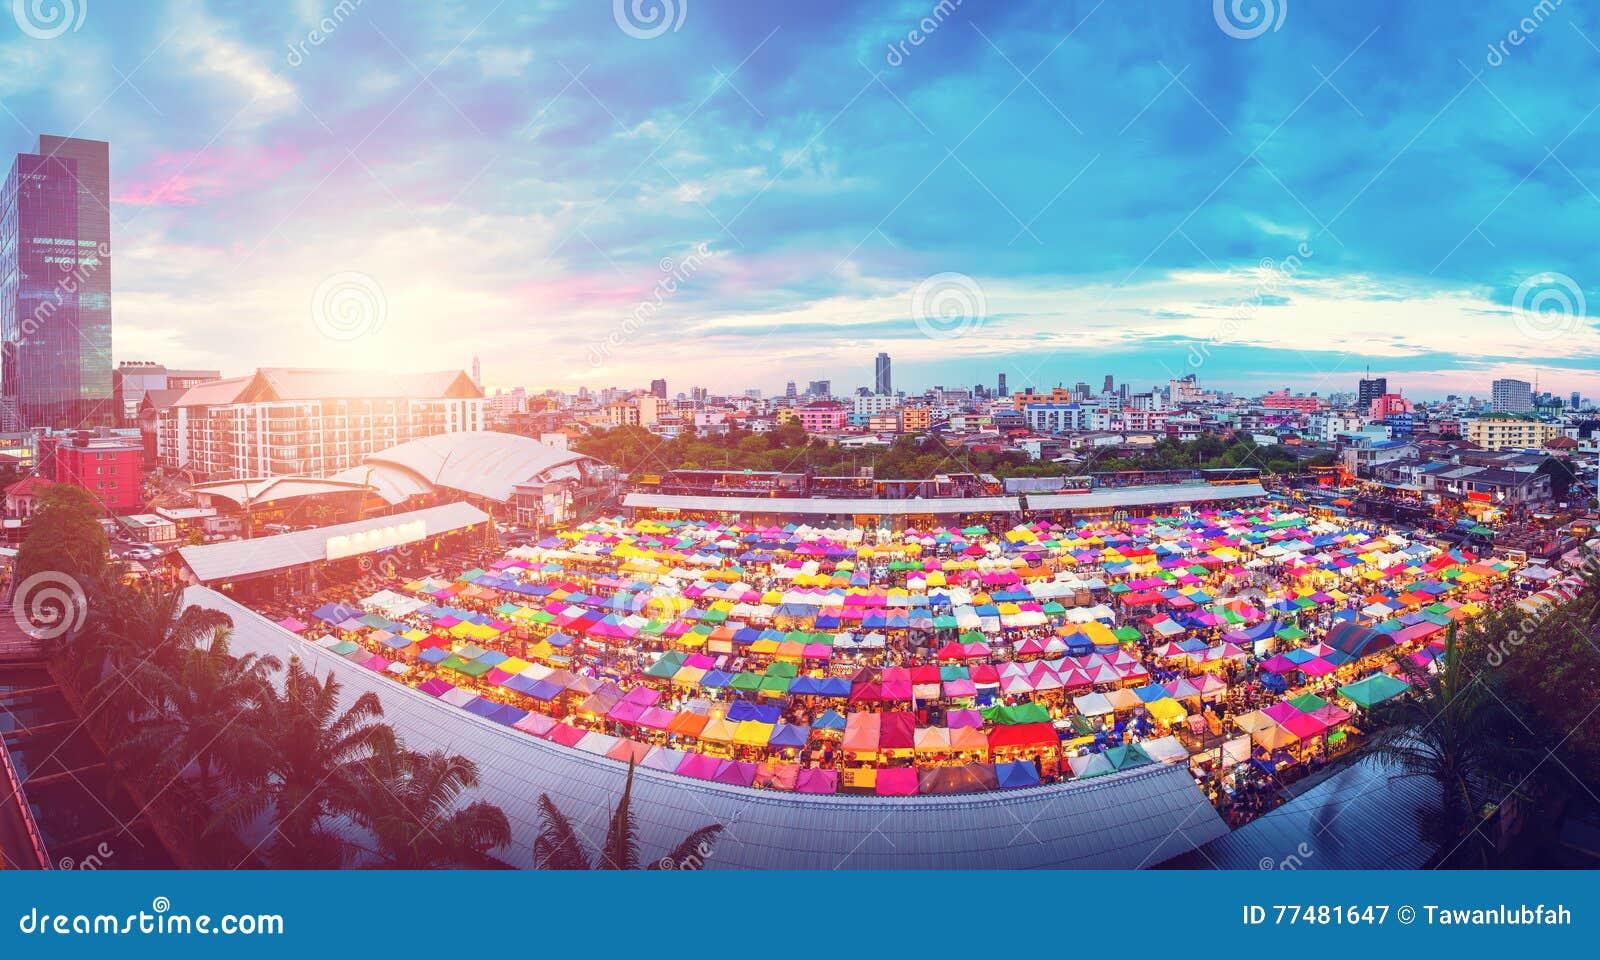 Kết quả hình ảnh cho bangkok color